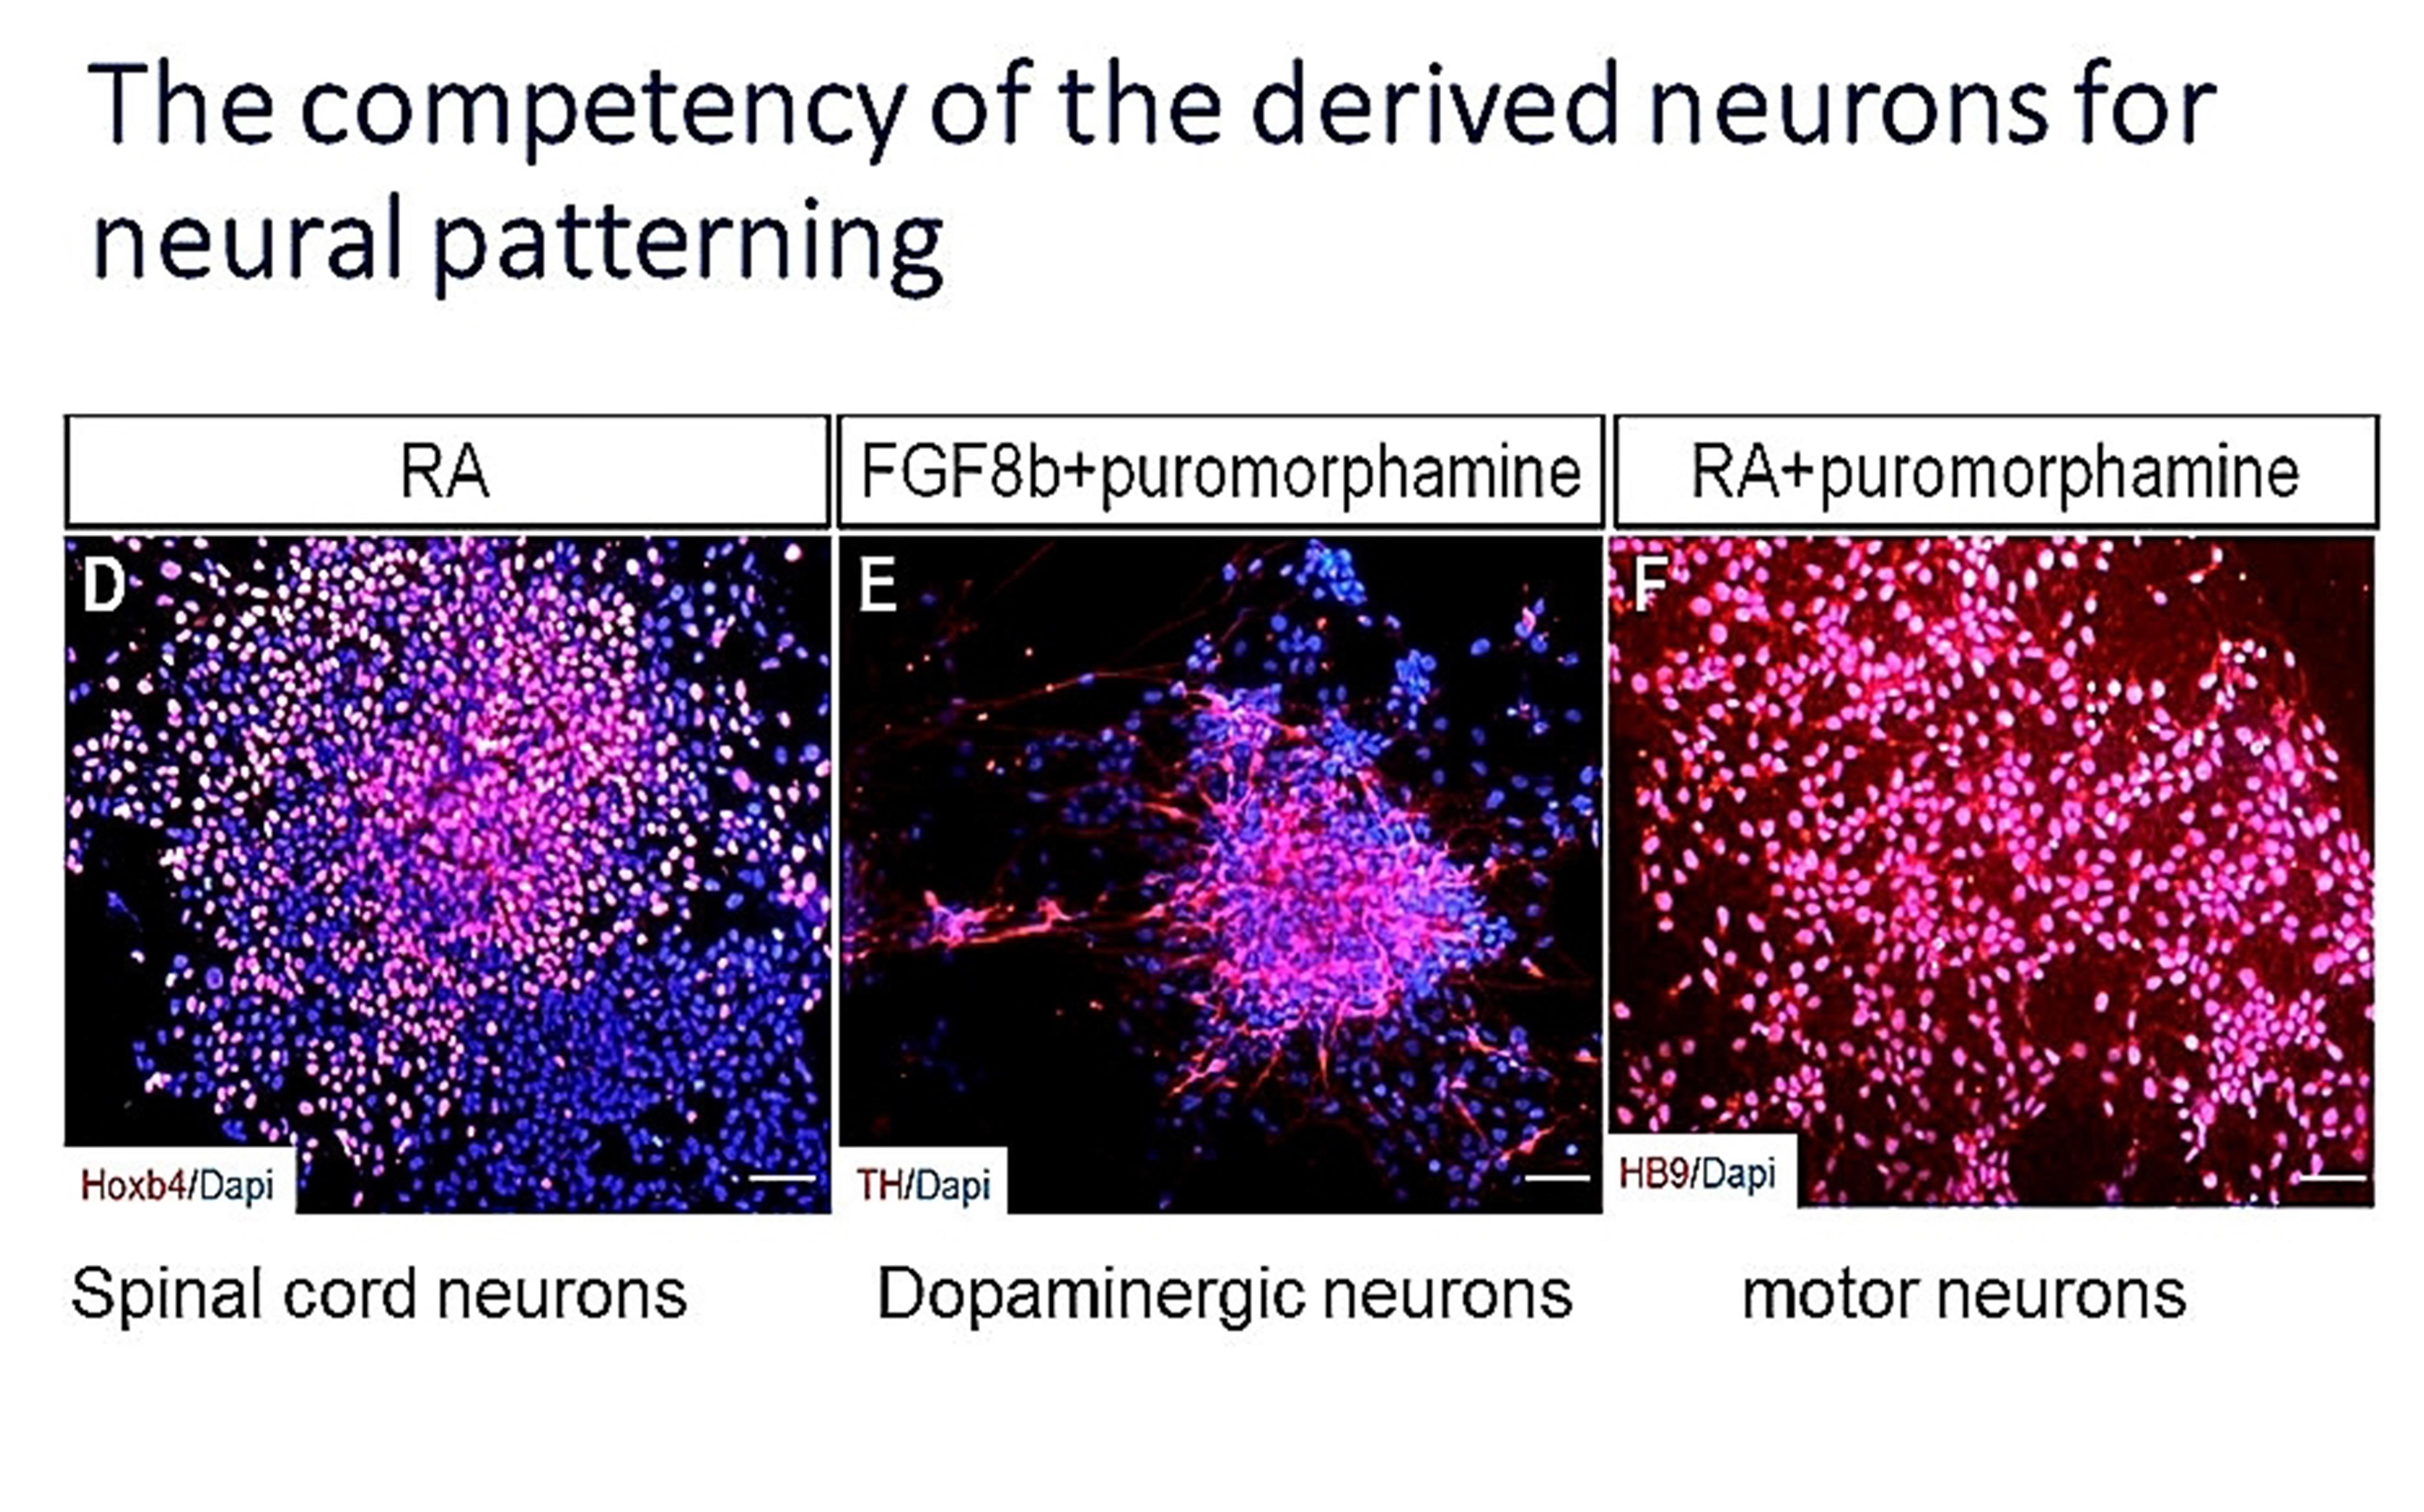 高效率之運動神經元與多巴胺神經元分化